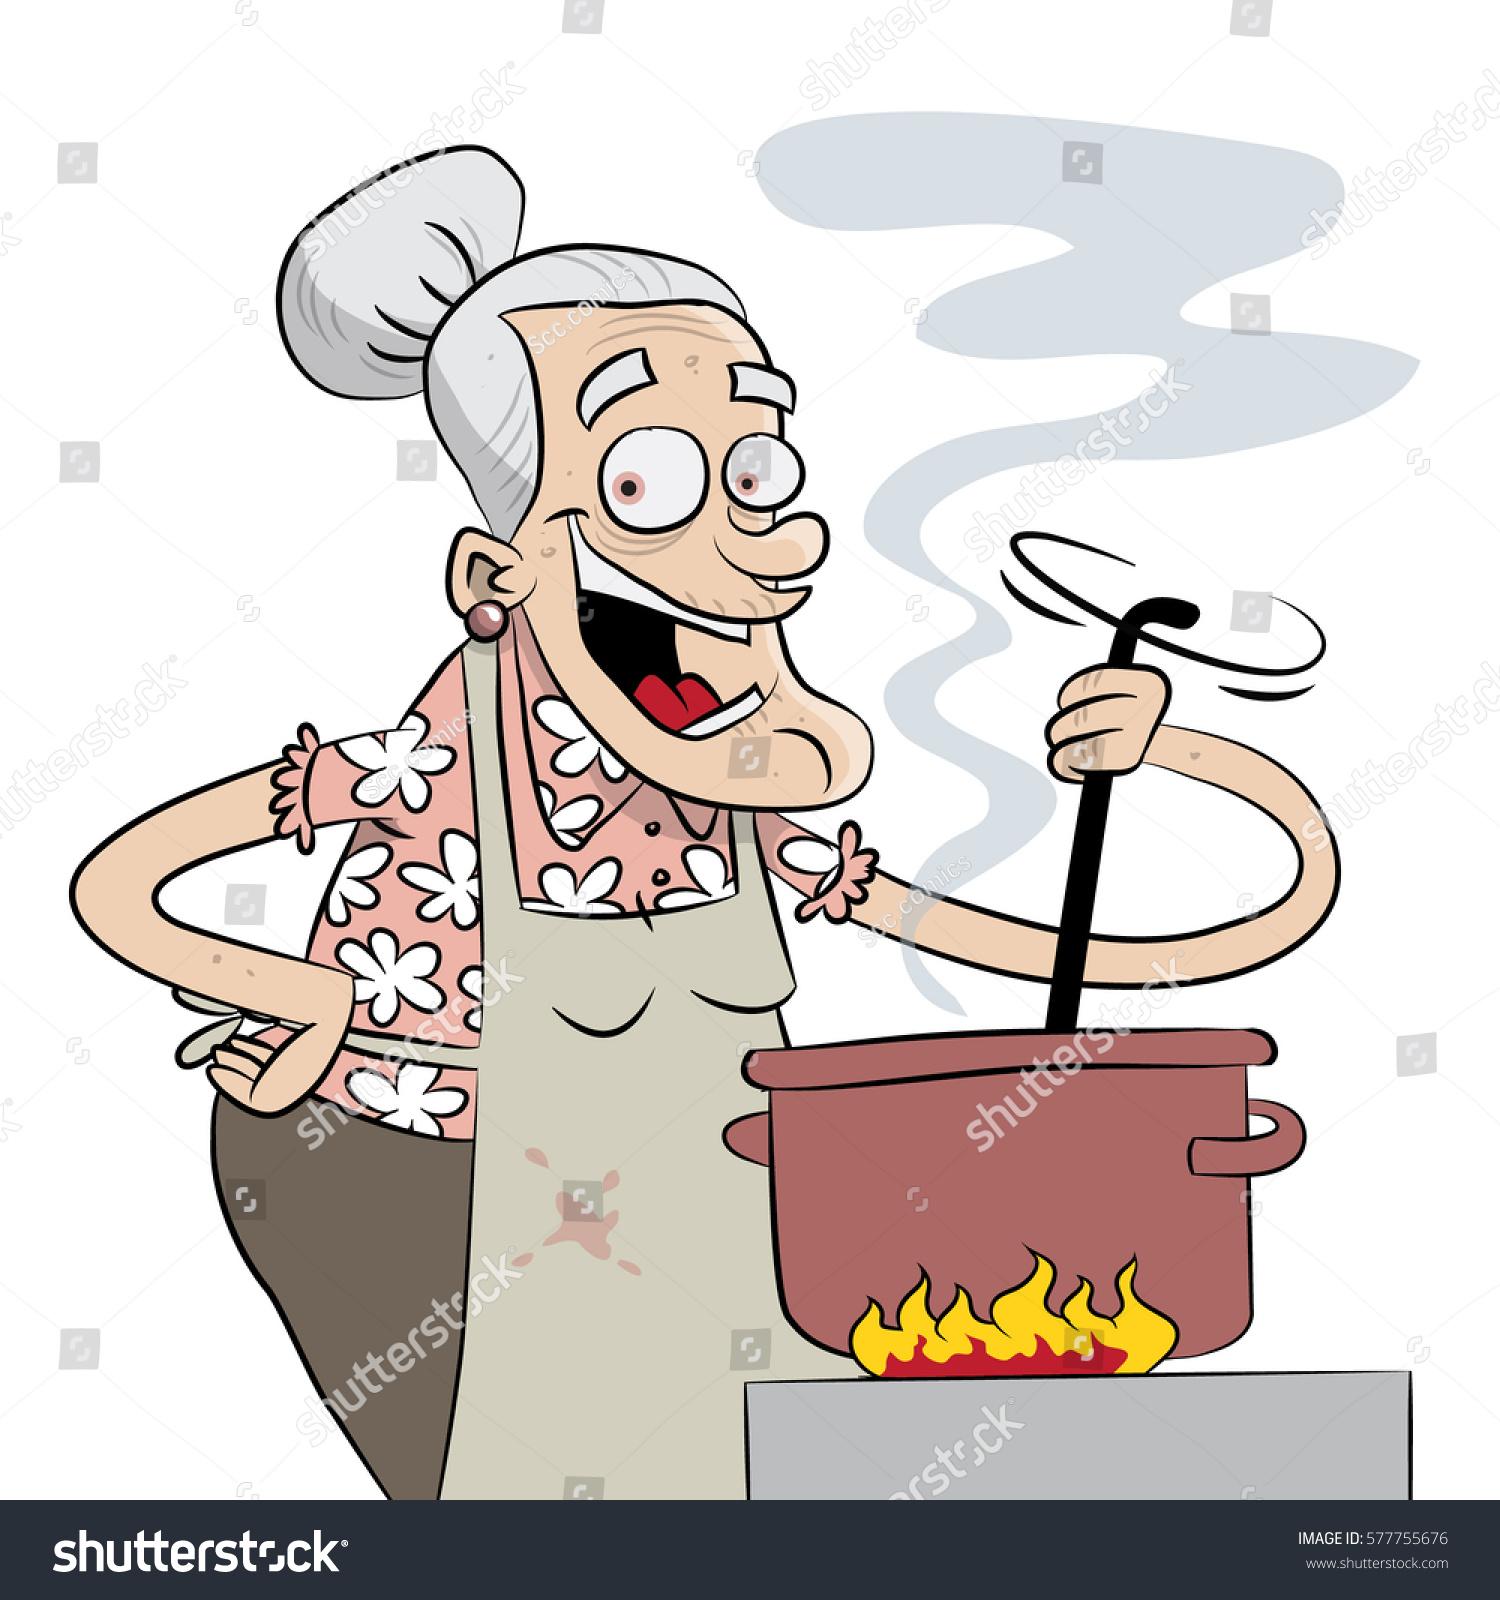 Grandma Cooking Stock Vector 577755676 - Shutterstock